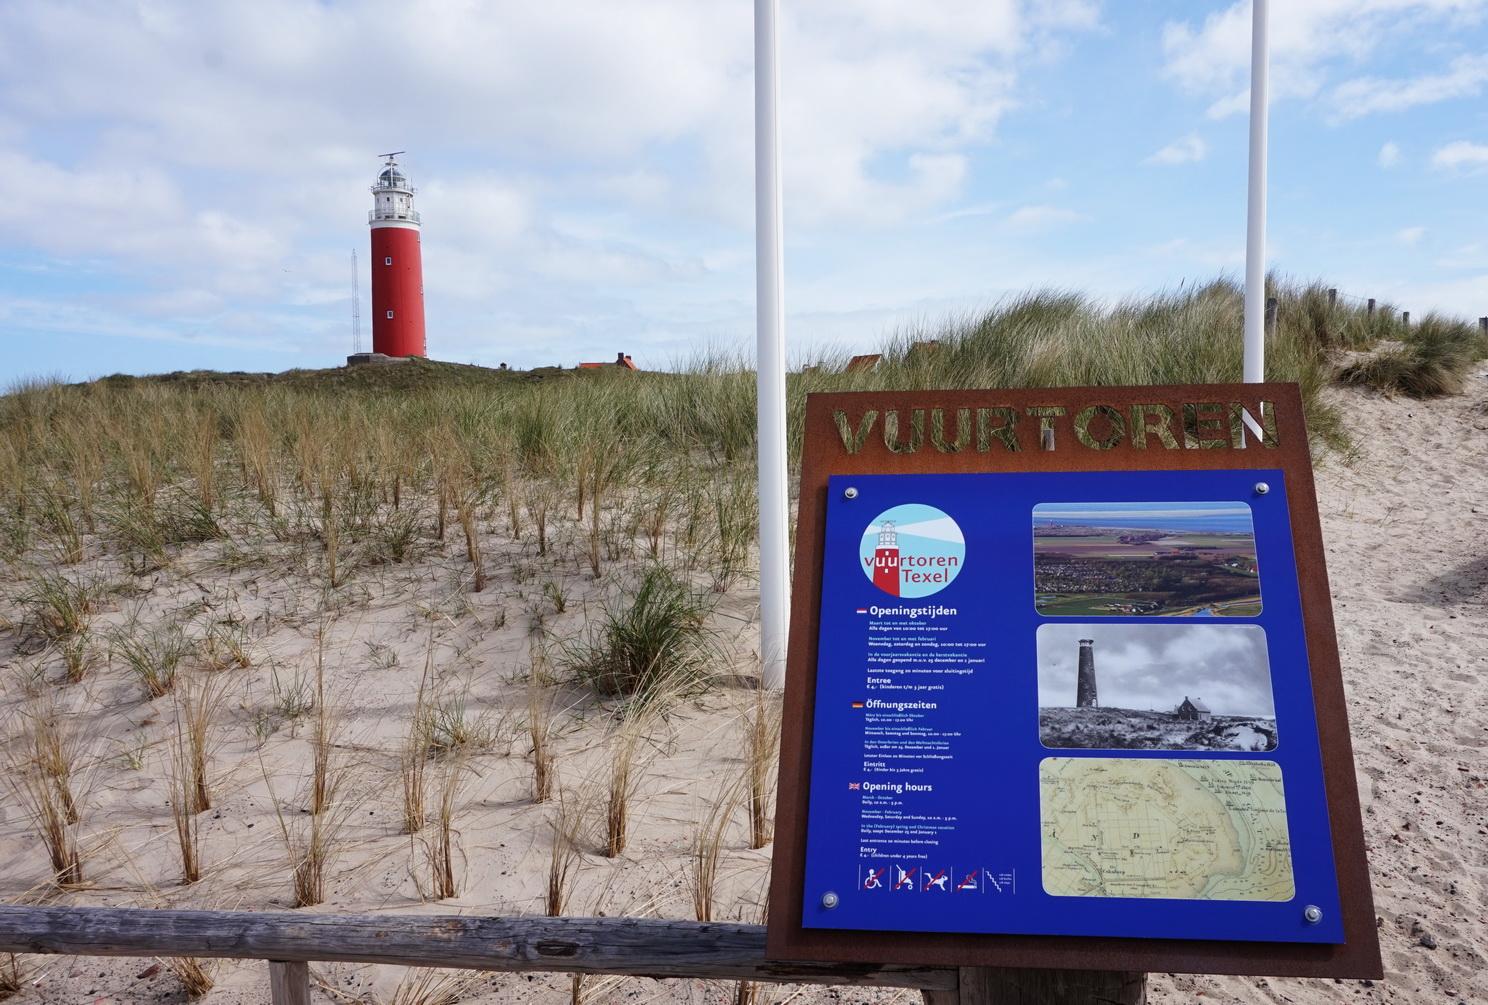 Texel - Strandspaziergang am Leuchtturm 7